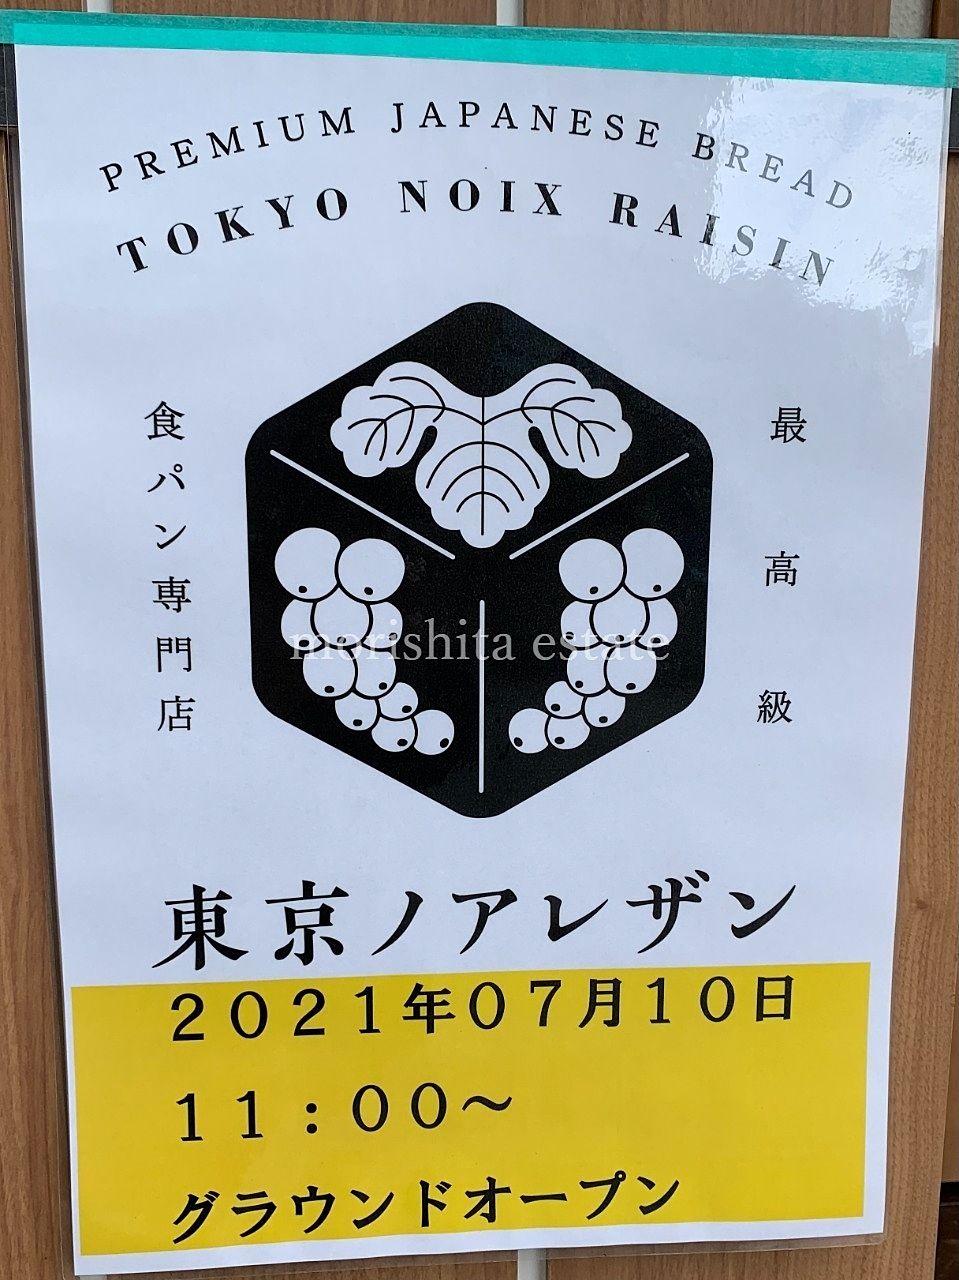 森下 東京ノアレザン 最高級食パン トースト ラスク 写真